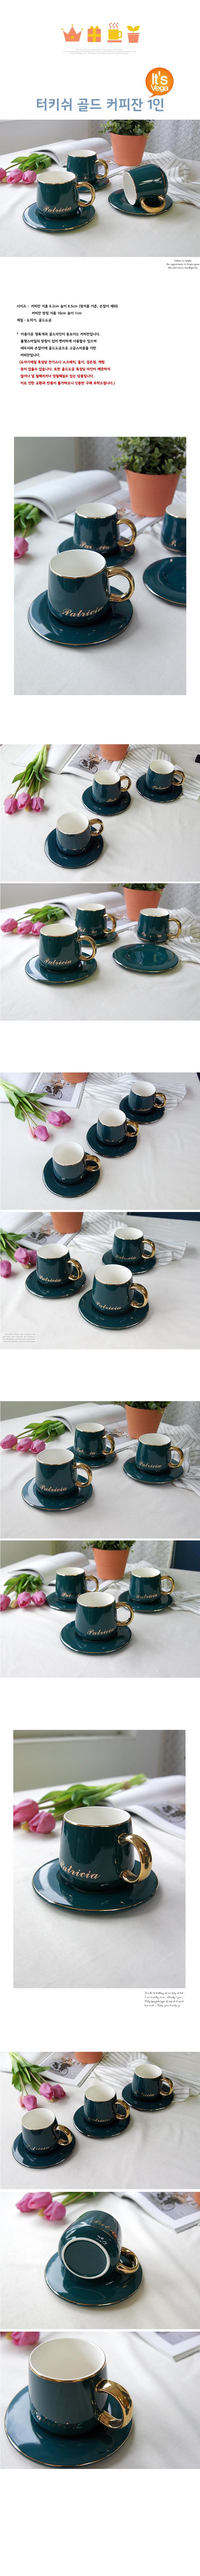 터키쉬 골드 커피잔 1인 - 베가, 29,000원, 커피잔/찻잔, 커피잔/찻잔